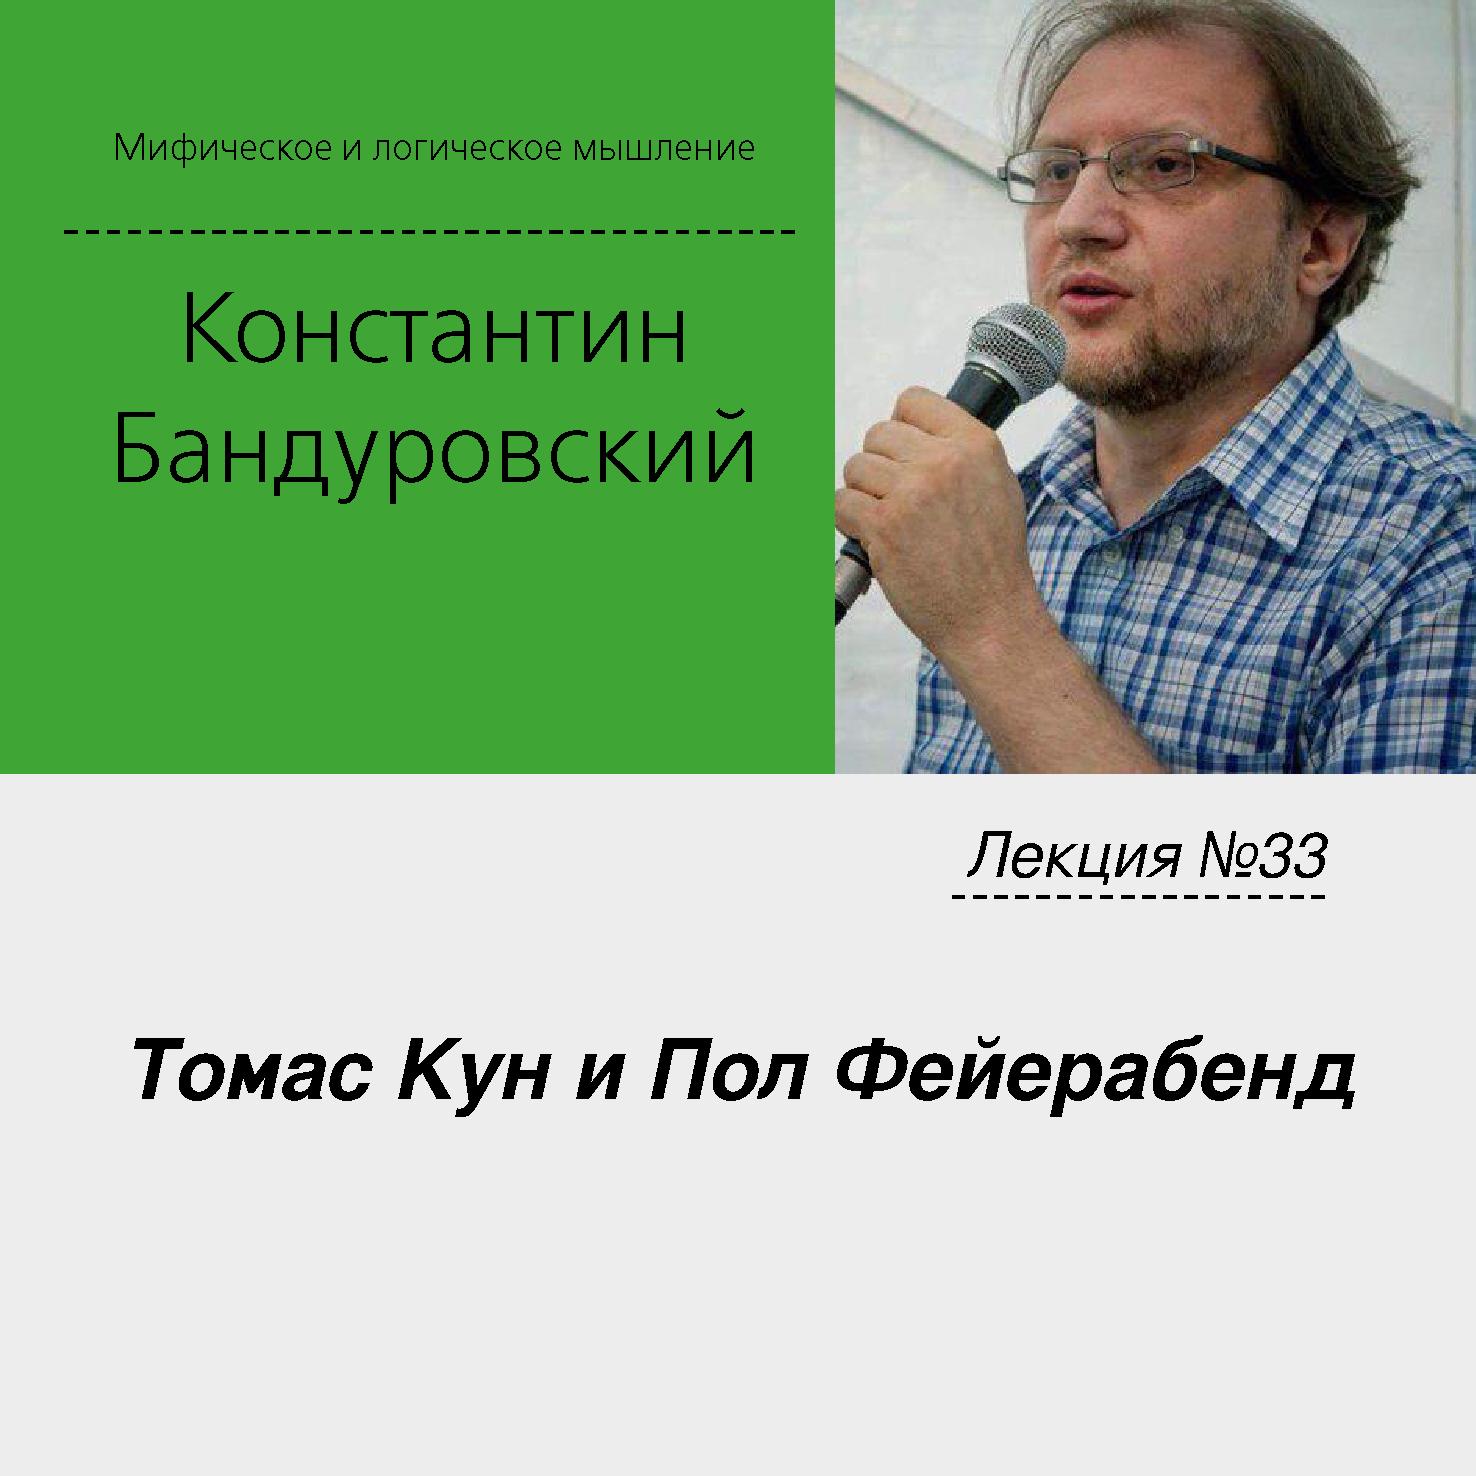 Константин Бандуровский Лекция №33 «Томас Кун и Пол Фейерабенд»